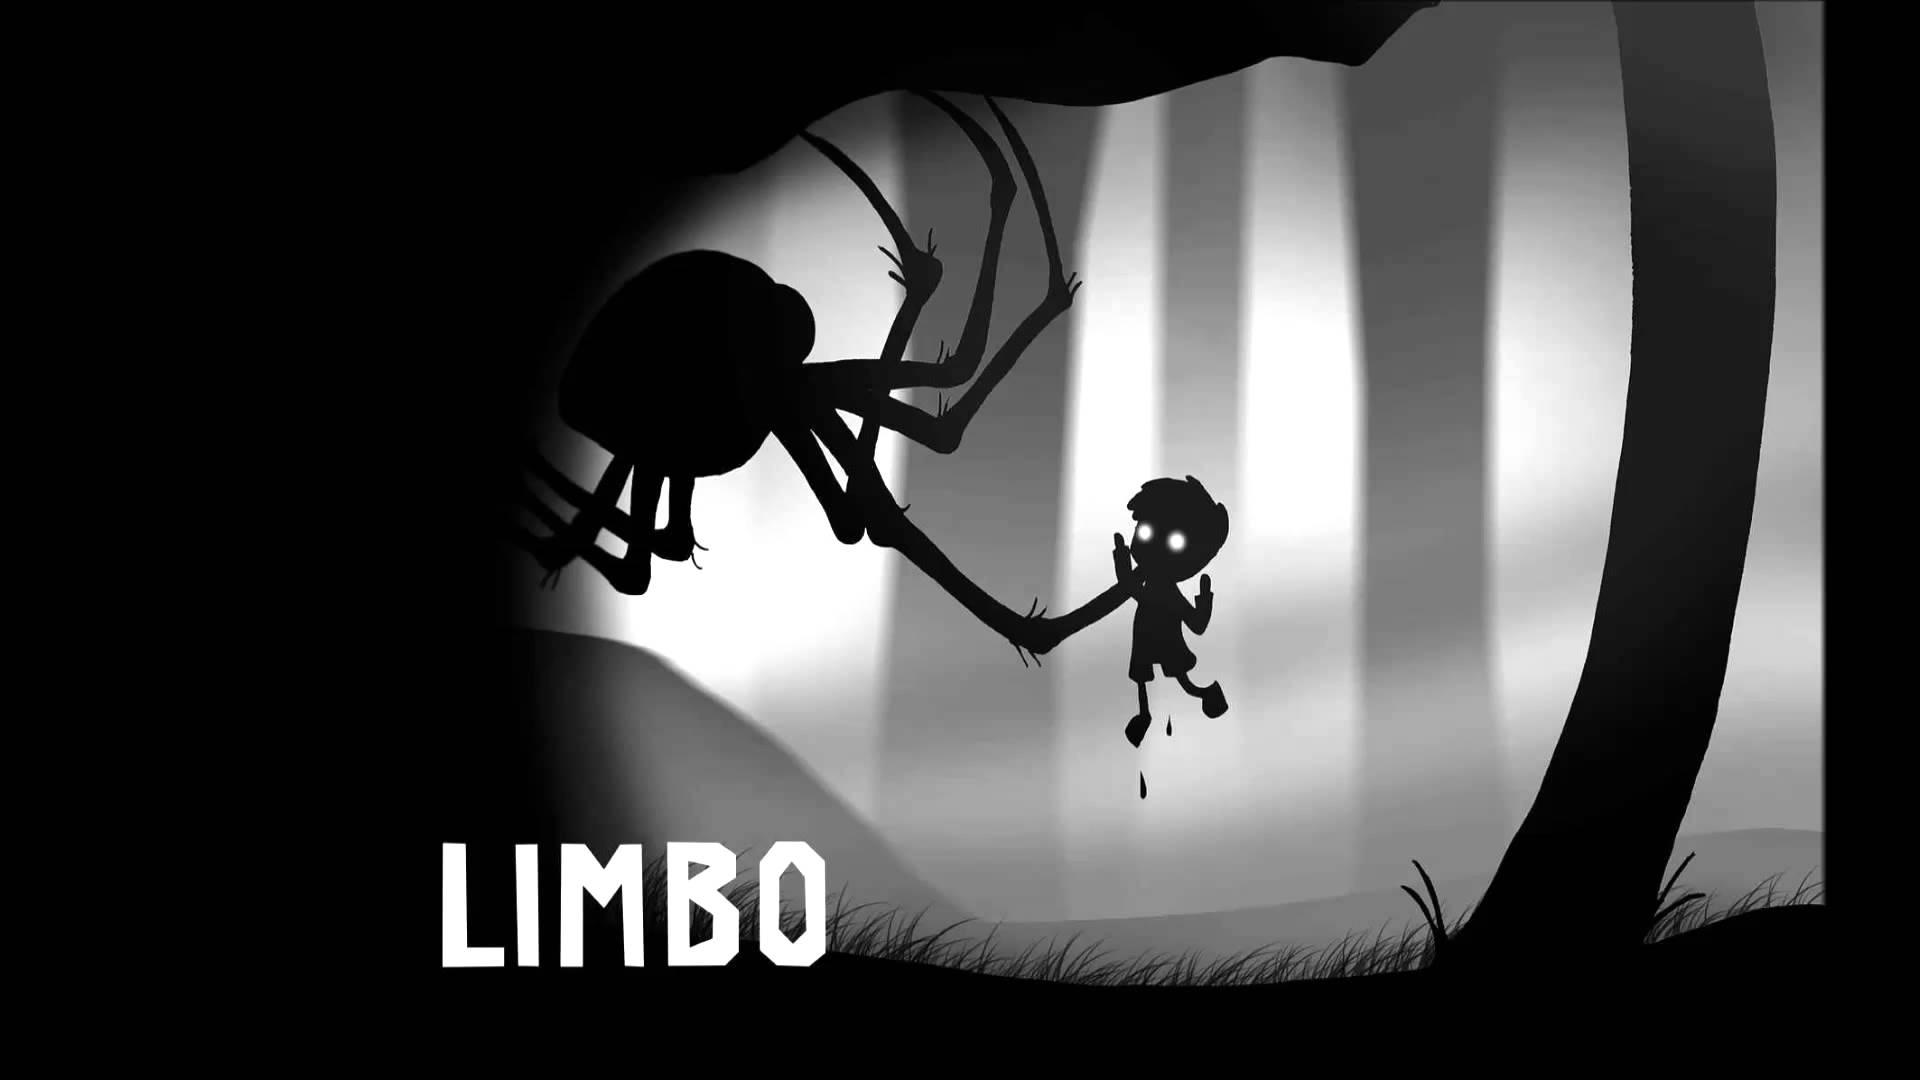 Limbo Telecharger Ou Gratuit De Pc Et Torrent Complete